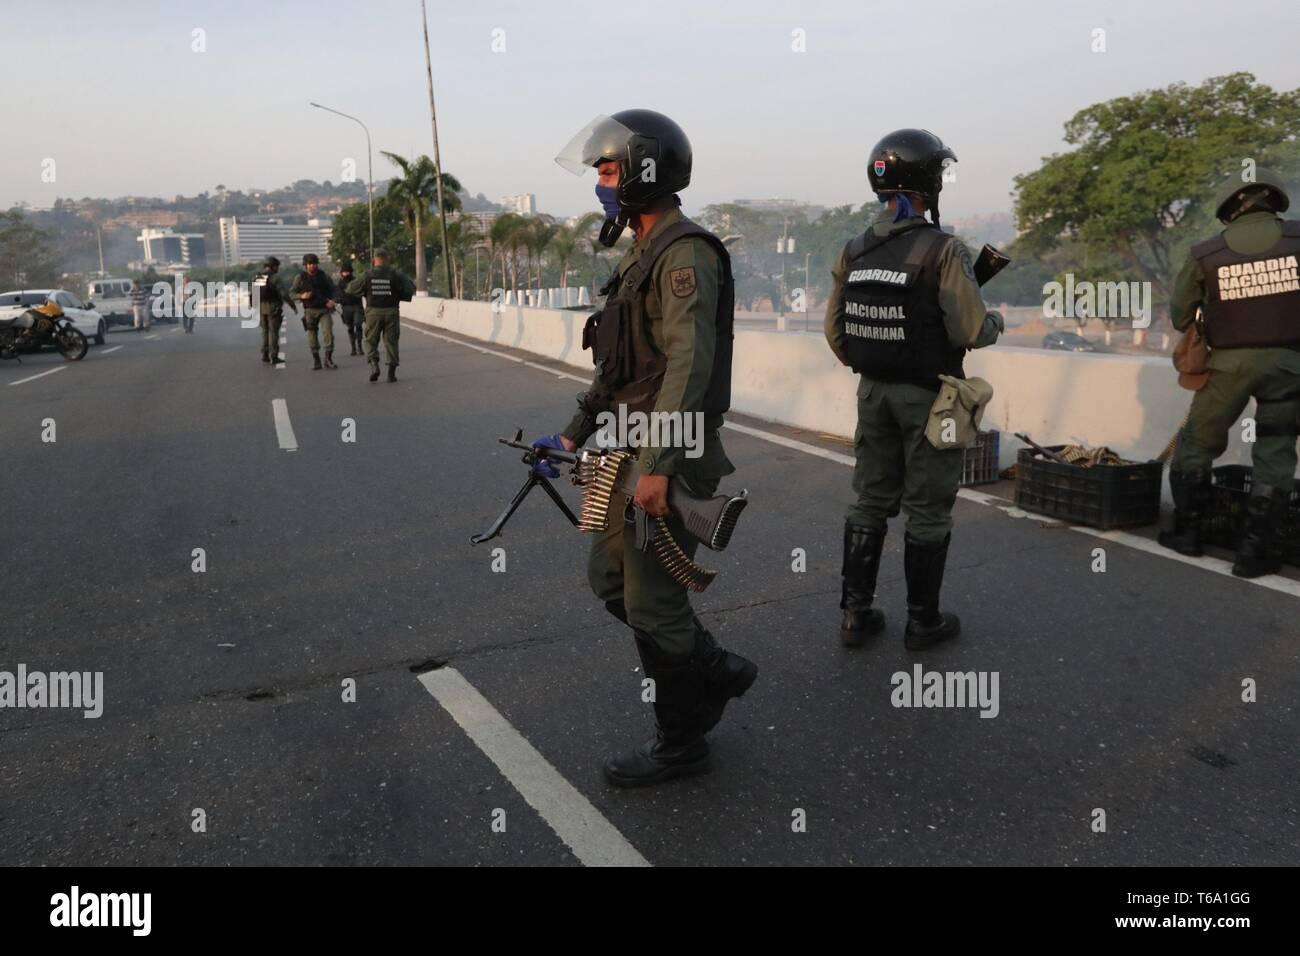 Caracas, Venezuela. 30 apr, 2019. Molti soldati venezuelano guardia a La Carlota base, dove oppositore venezuelano Leopoldo Lopez (invisibile) è stato portato a soddisfare con il presidente ad interim Juan Guaido dopo egli essendo rilasciato dalla sua casa, nell'Est di Caracas, Venezuela, 30 aprile 2019. Lopez, che era agli arresti domiciliari, è stata rilasciata la mattina presto il 30 aprile da un movimento di opposizione. Credito: Rayneri Pena/EFE/Alamy Live News Immagini Stock